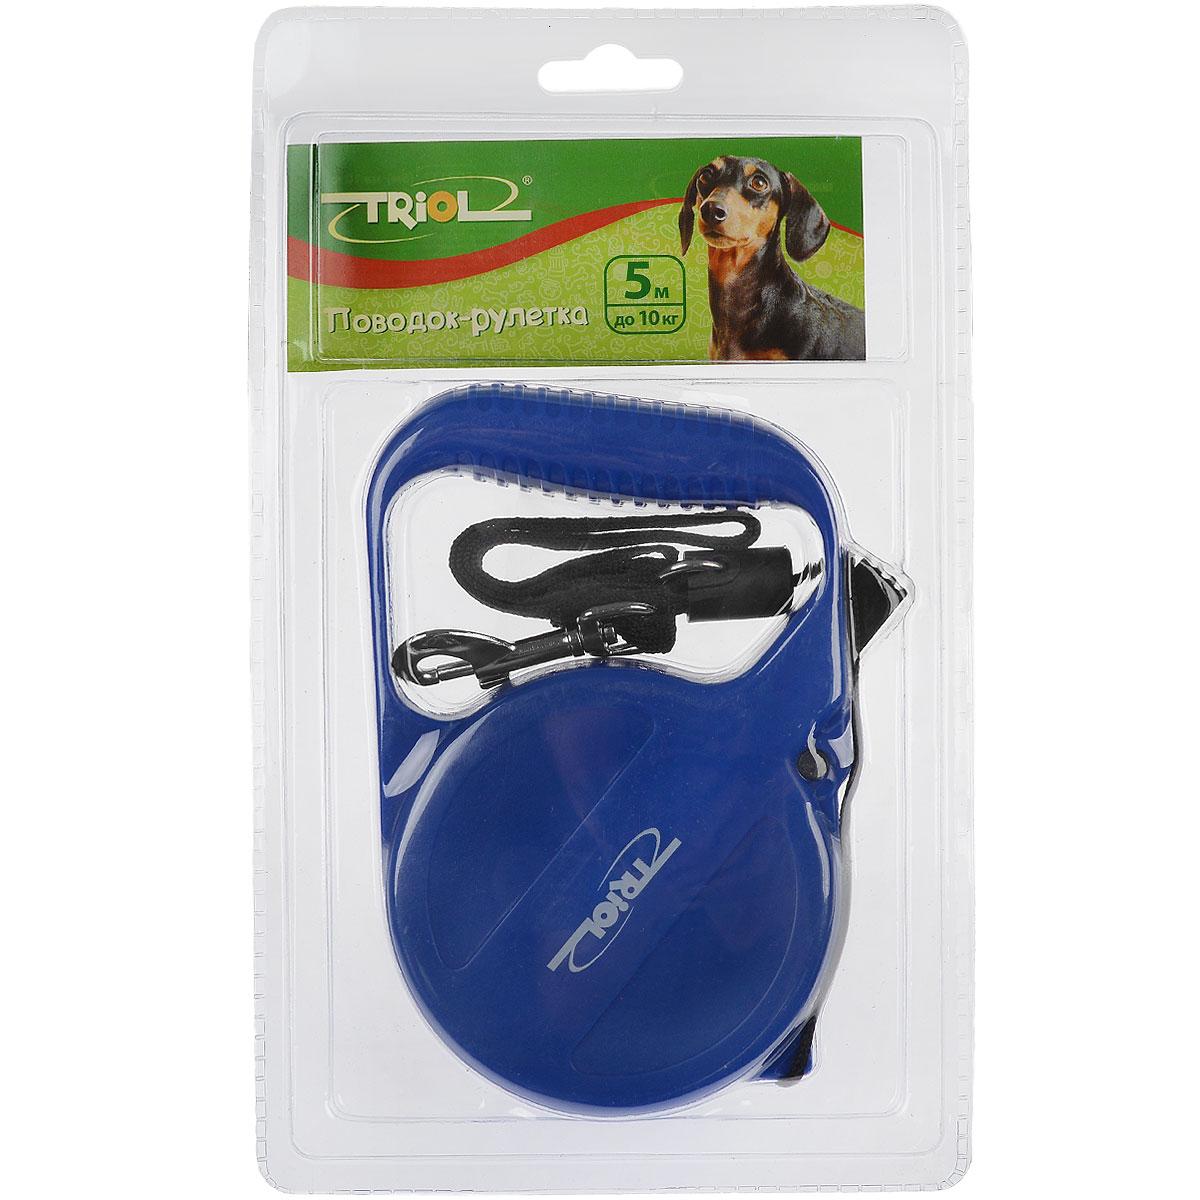 Поводок-рулетка Triol, для собак до 10 кг, цвет: синий, 5 м. Р-03000 поводок рулетка triol disney minnie для собак до 12 кг цвет красный 3 м